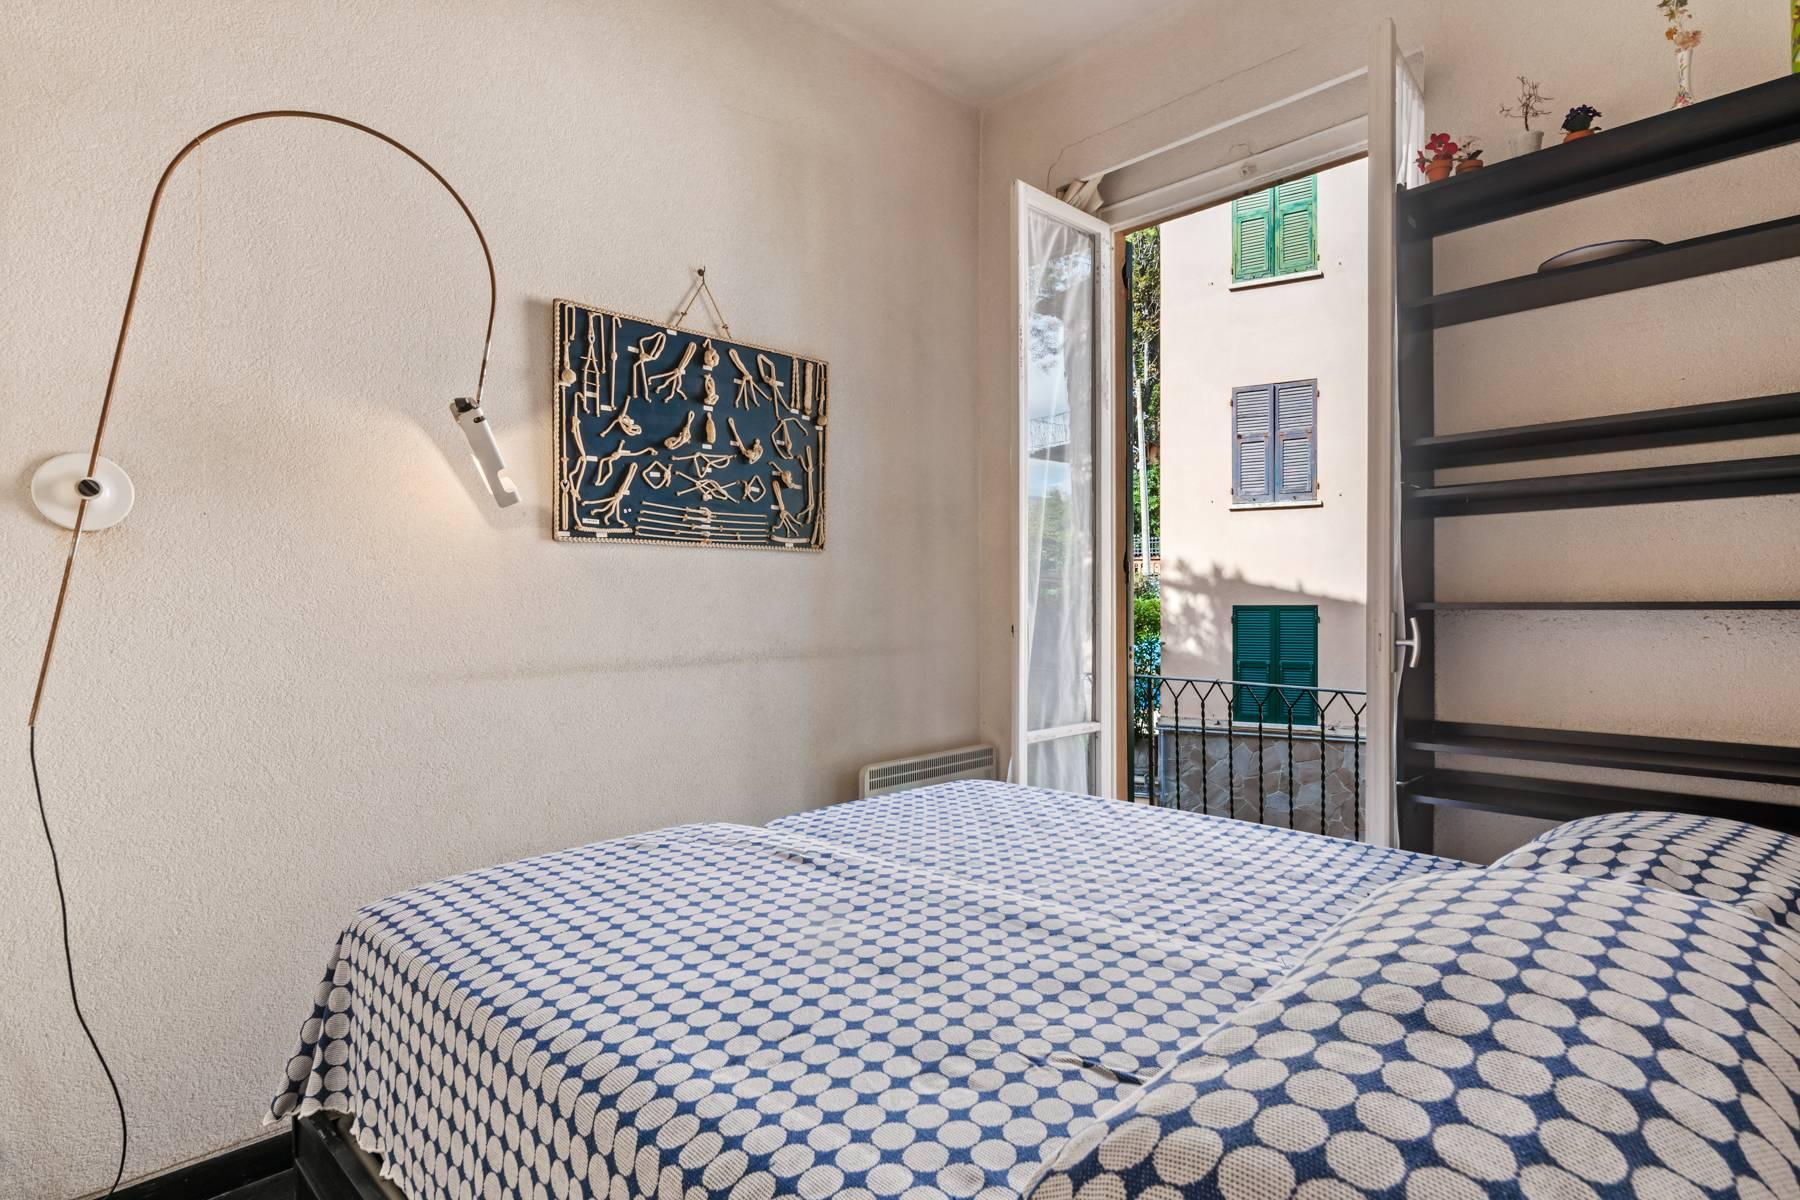 Appartamento in Vendita a Santa Margherita Ligure: 5 locali, 120 mq - Foto 18